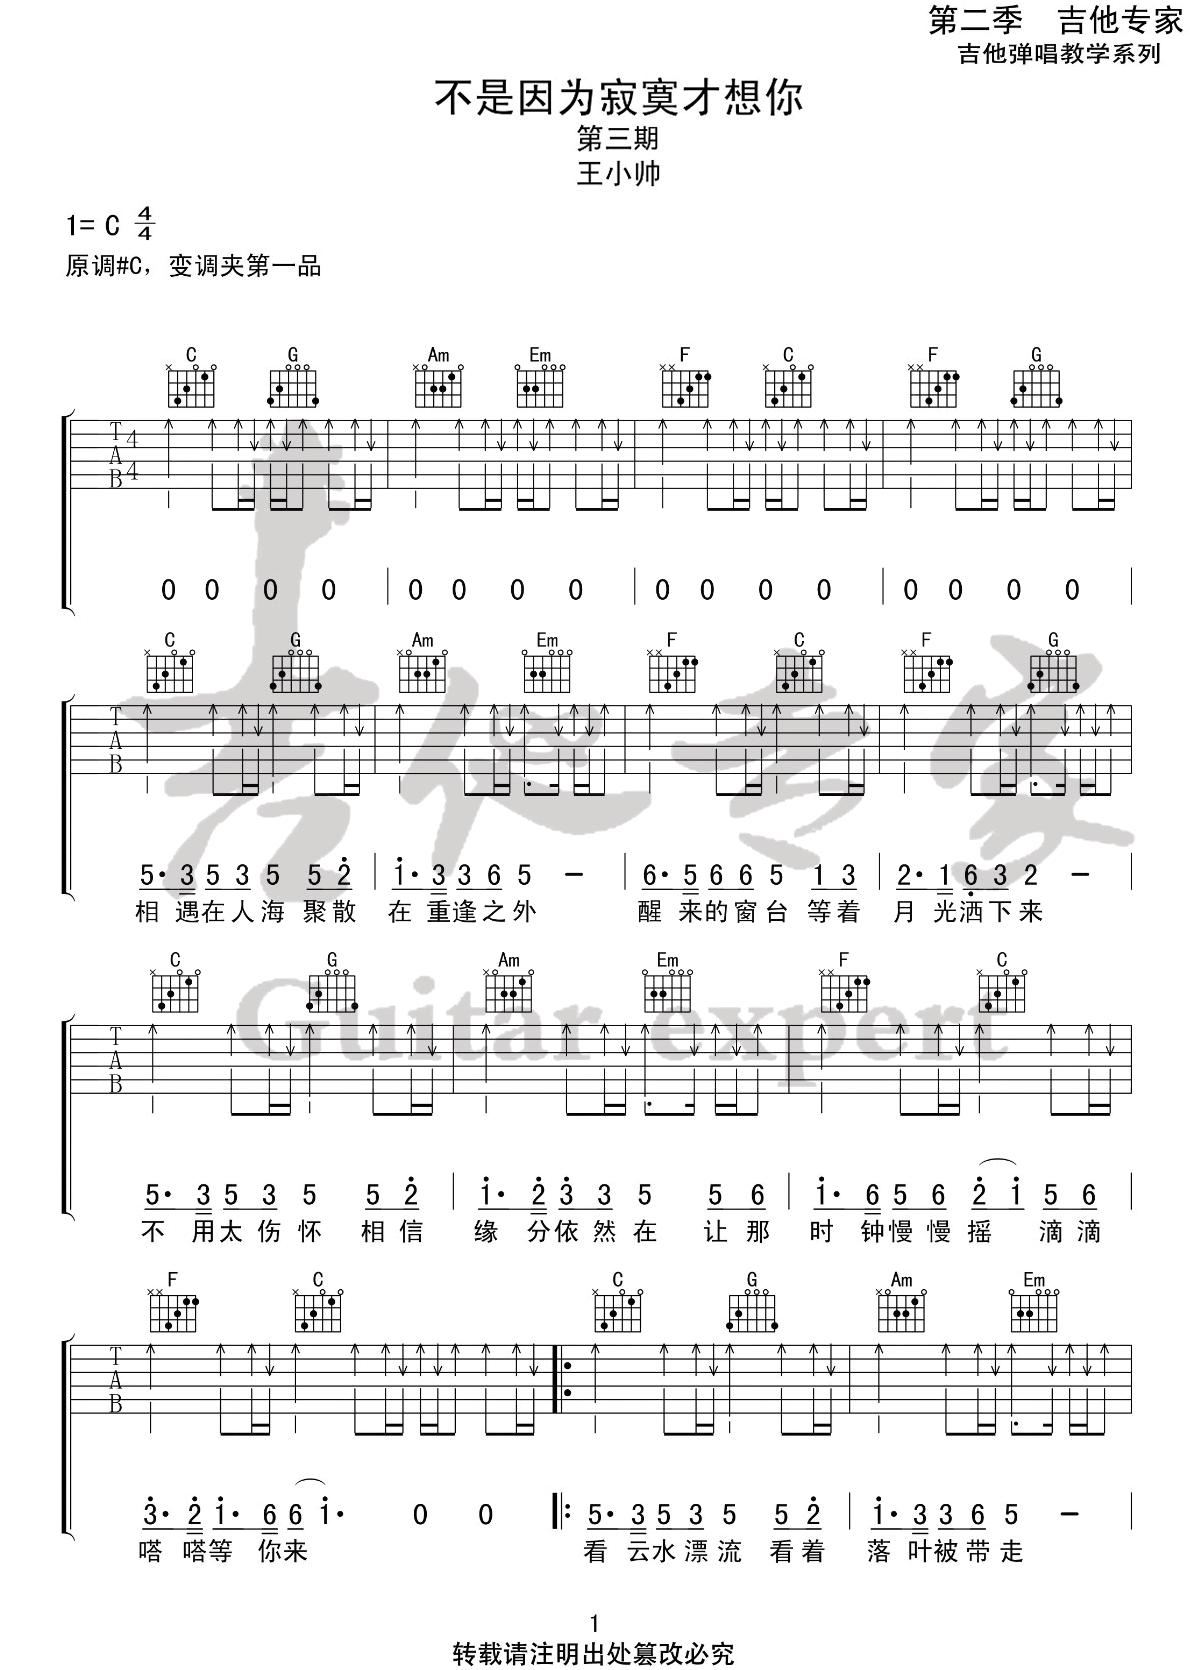 《不是因为寂寞才想你》吉他谱_王小帅_C调扫弦版弹唱六线谱1